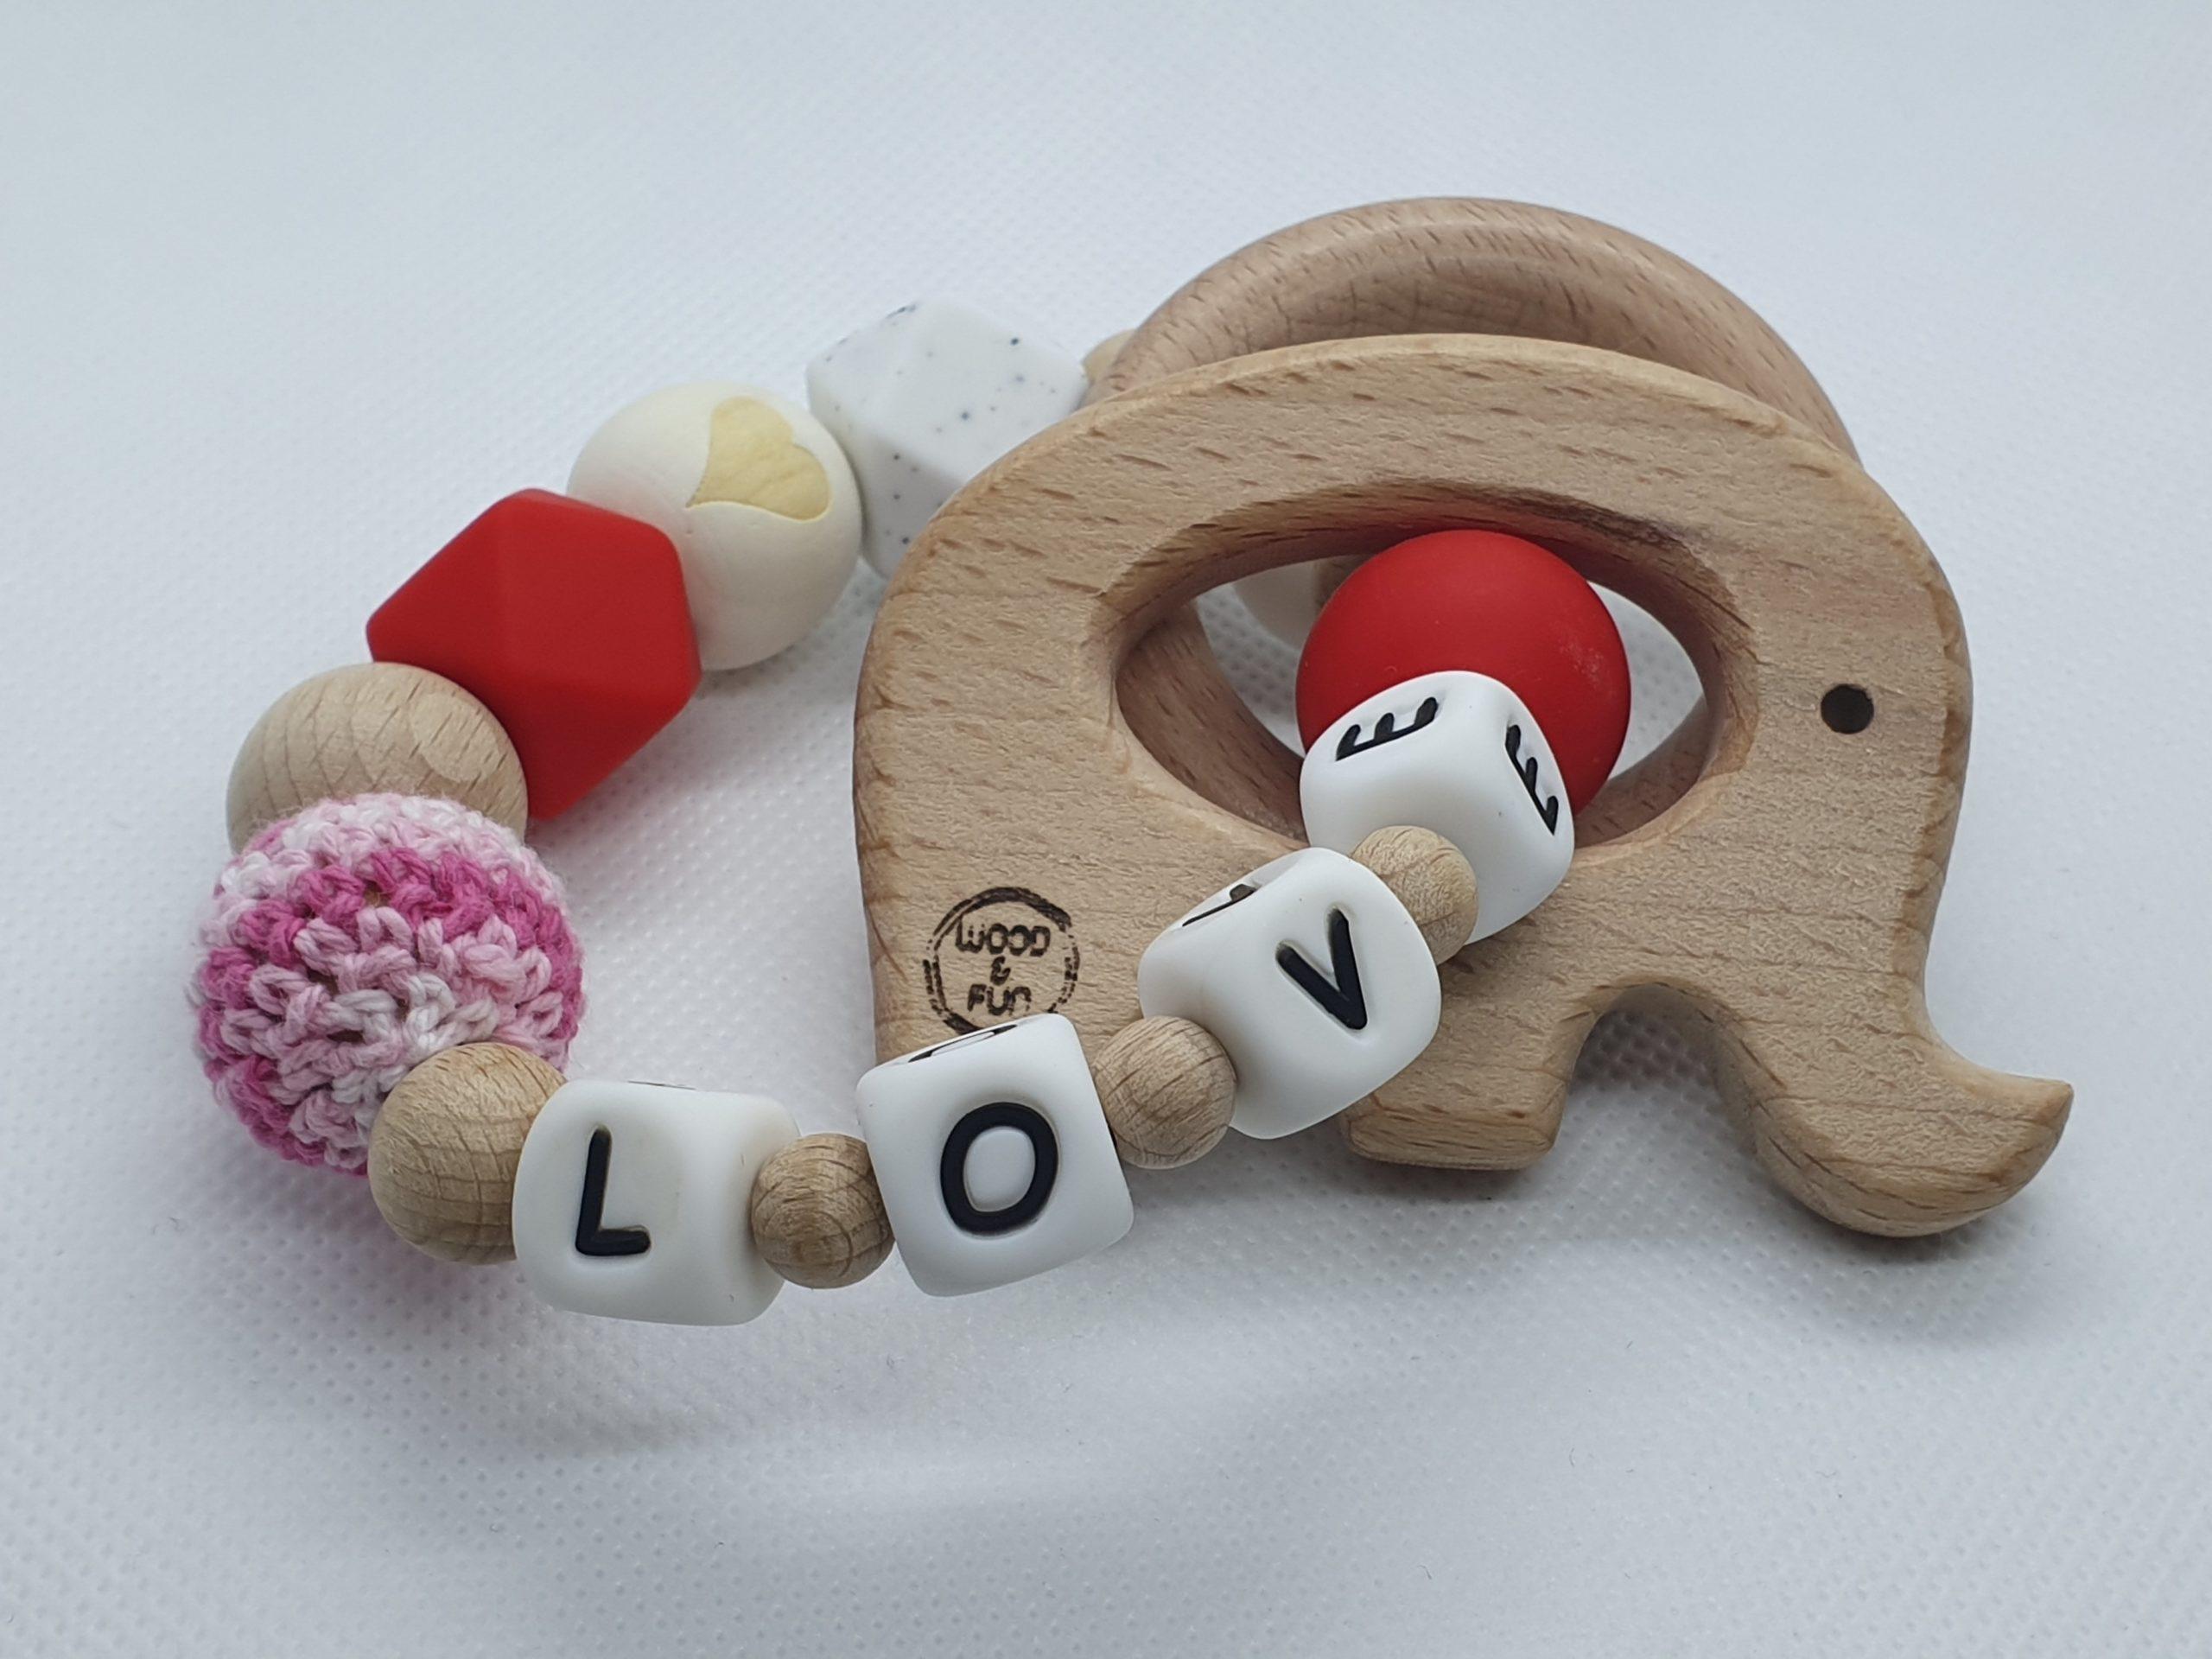 baby cadeau met naam-kraamcadeau met naam-bijtring met naam-Wood & Fun